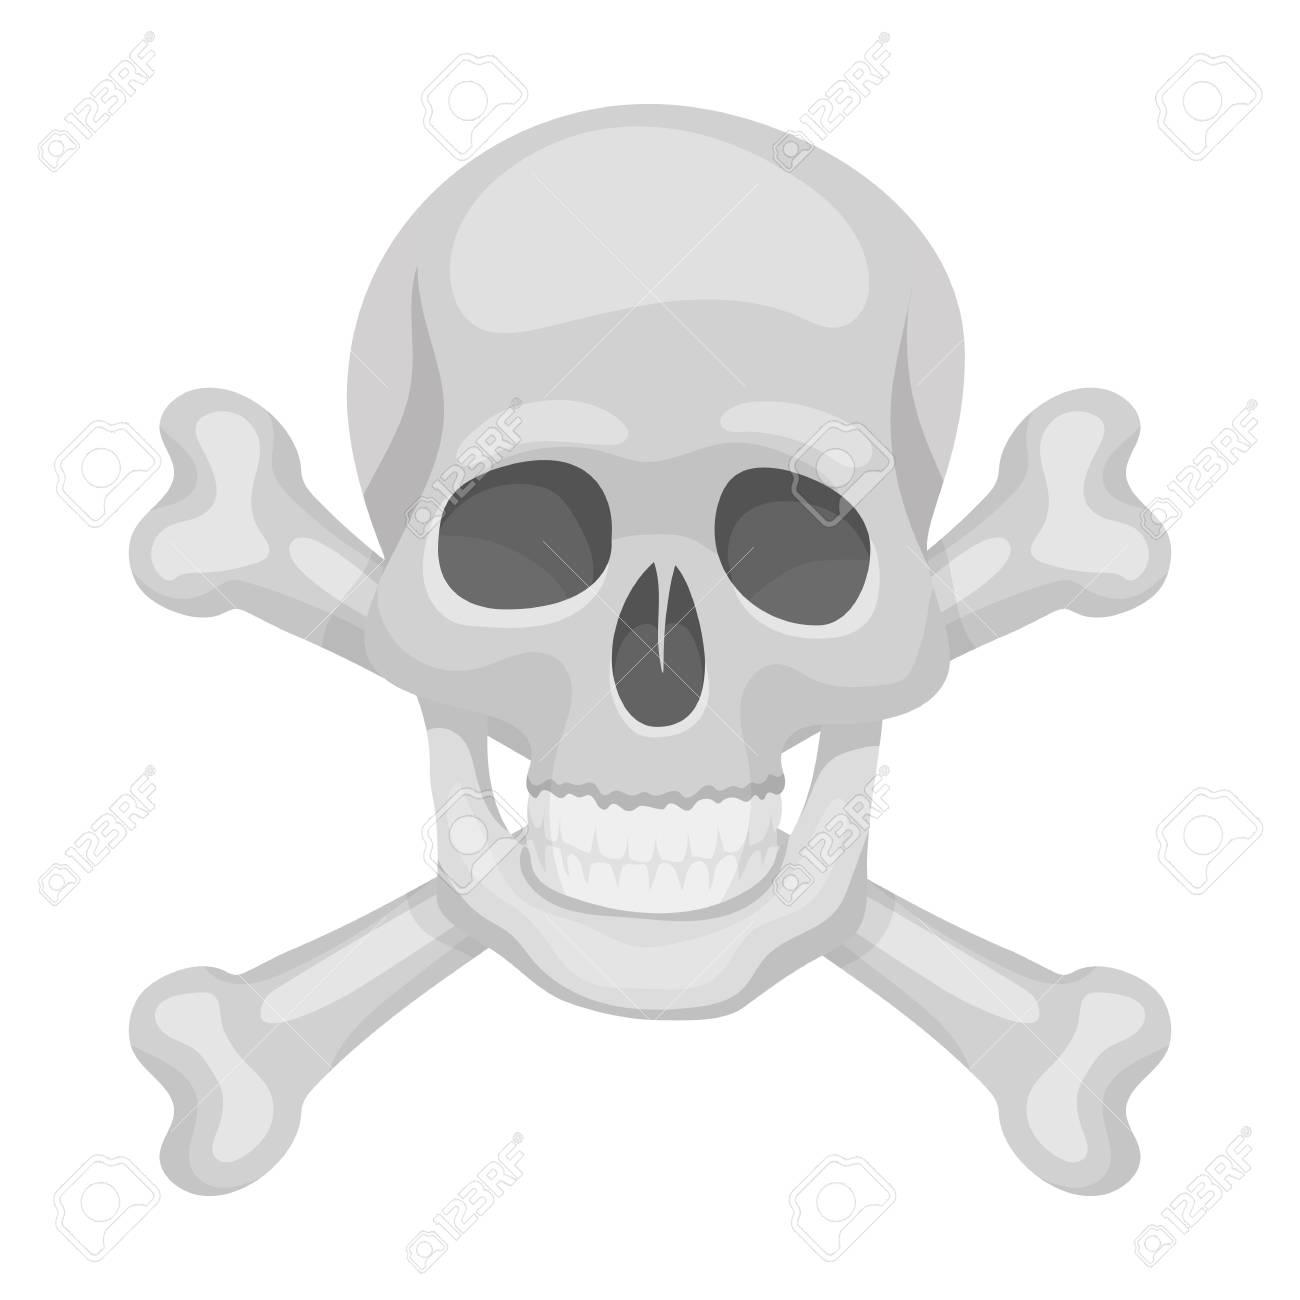 Immagini Di Teschio Pirati icona del teschio e ossa incrociate del pirata nello stile del fumetto  isolato su priorità bassa bianca. illustrazione di vettore di simbolo dei